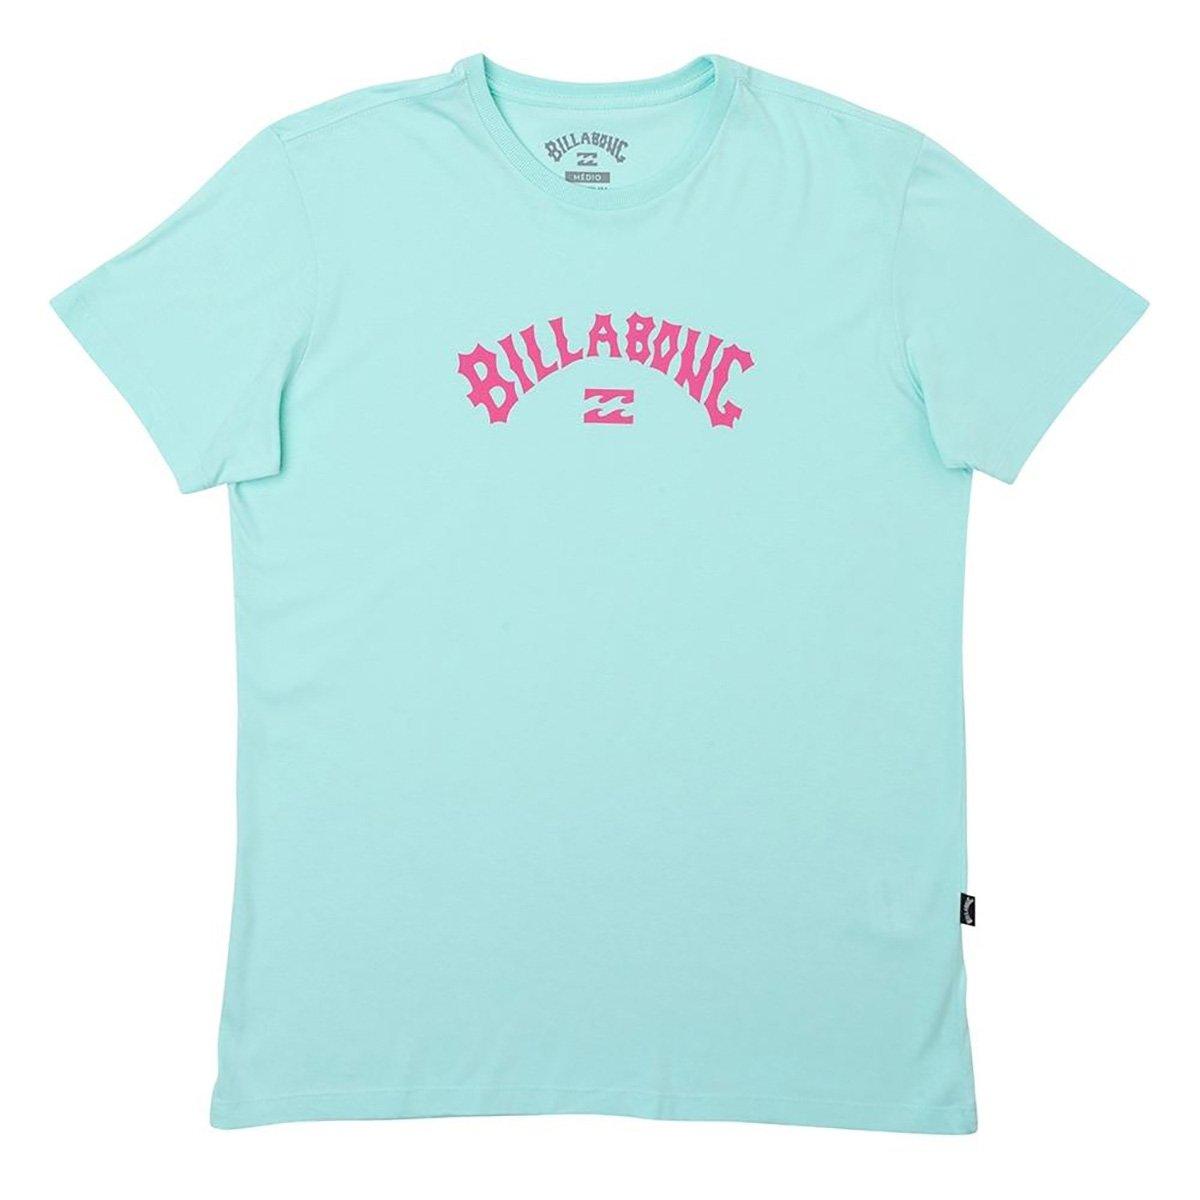 Camiseta Billabong Arch Wave Masculina